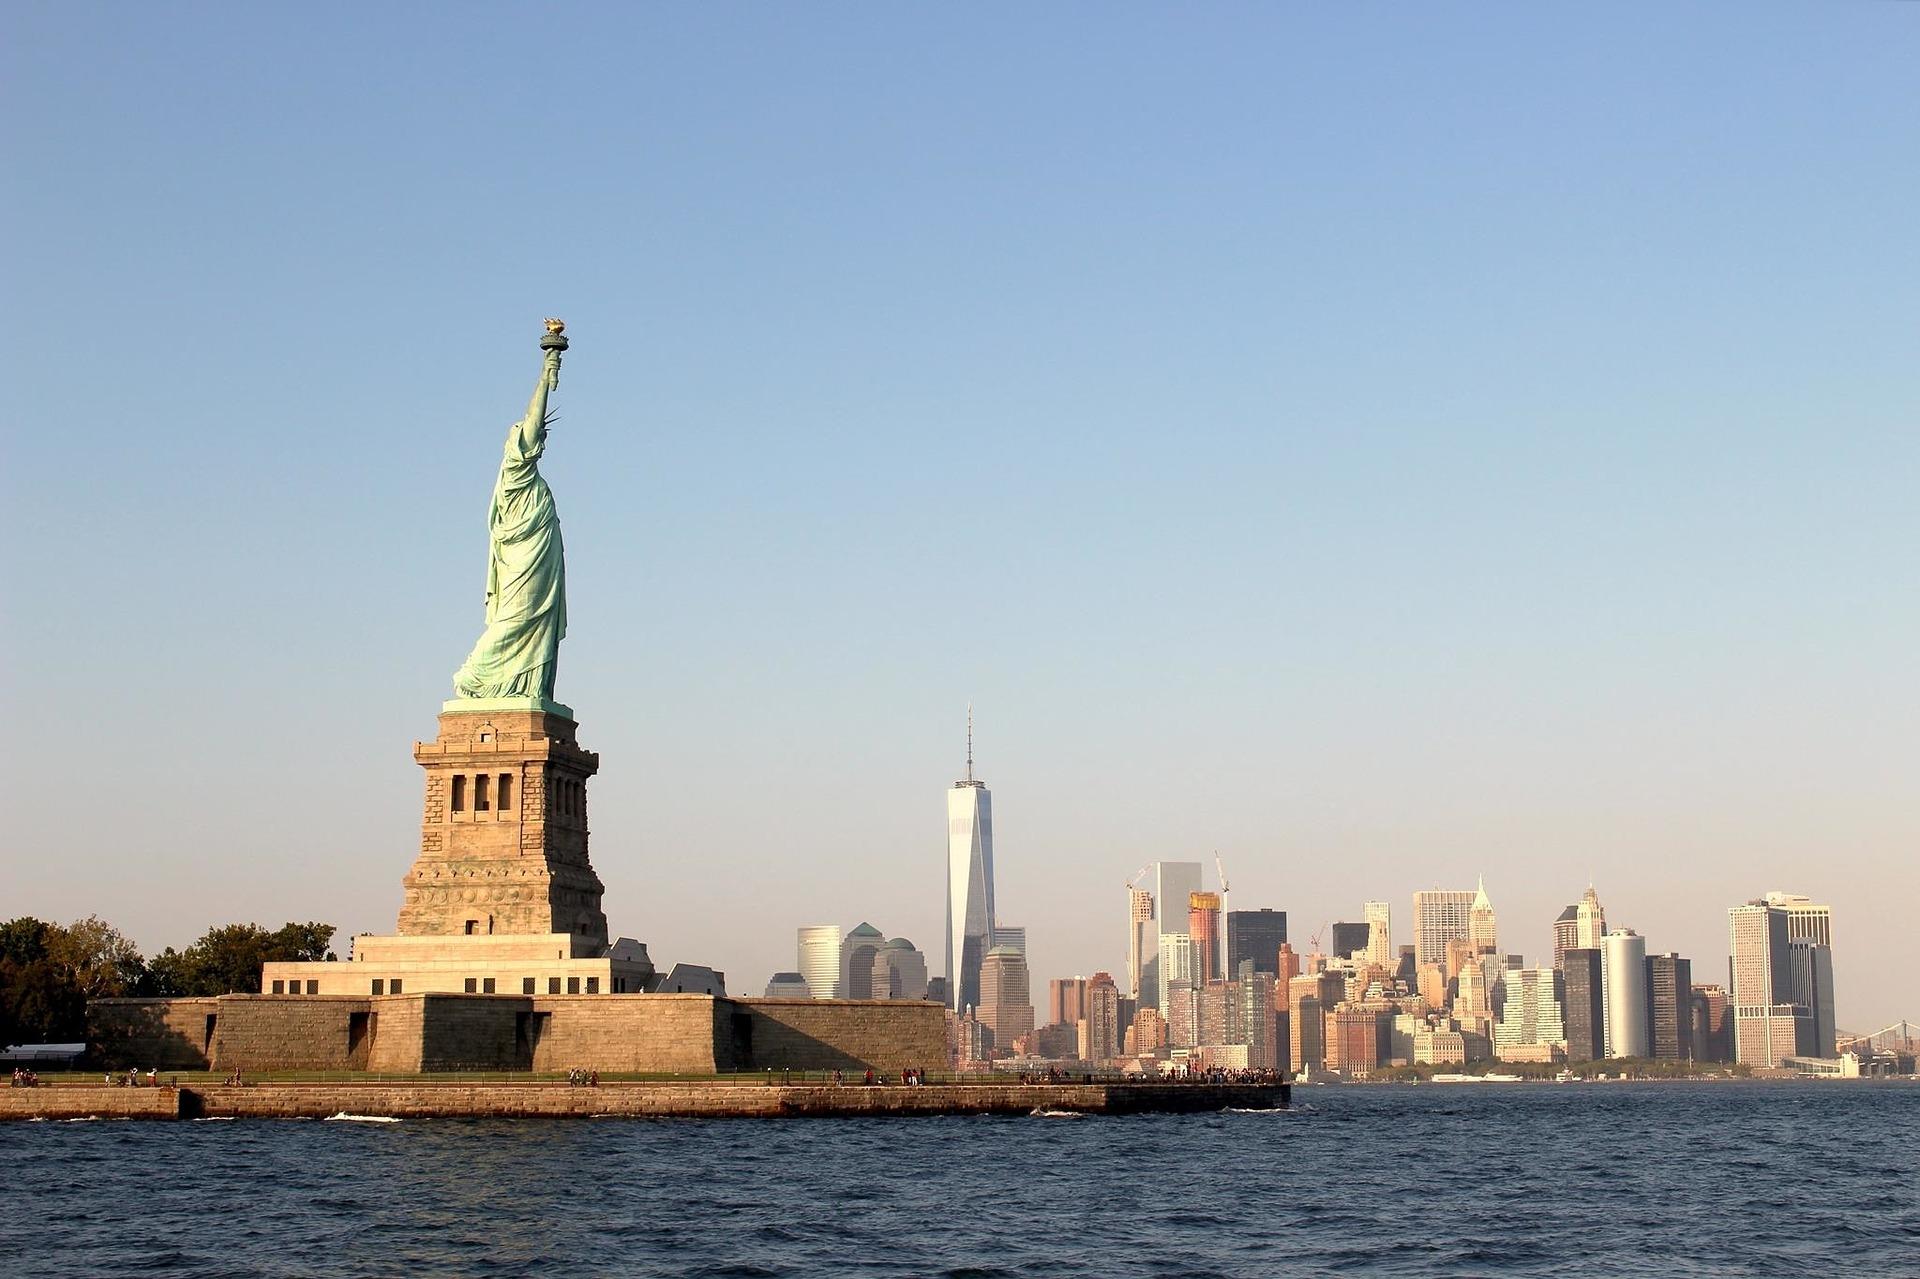 statue de la liberté liberty island billet statue de la liberté bateau statue de la liberté